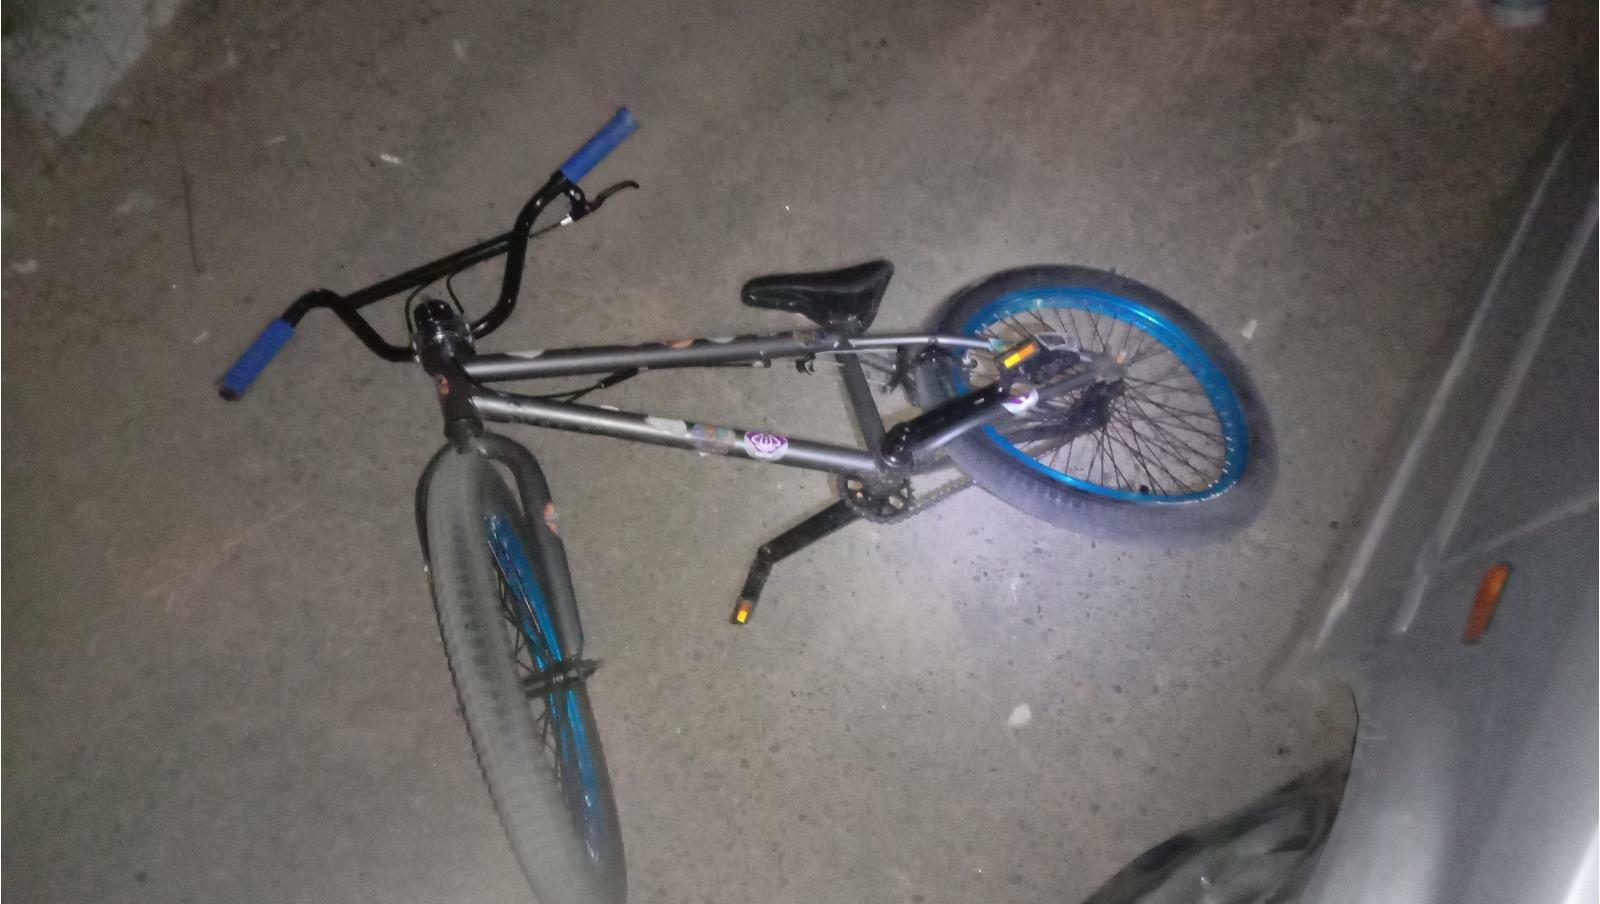 В Читинском районе 20-летний водитель Honda Accord сбил ребенка